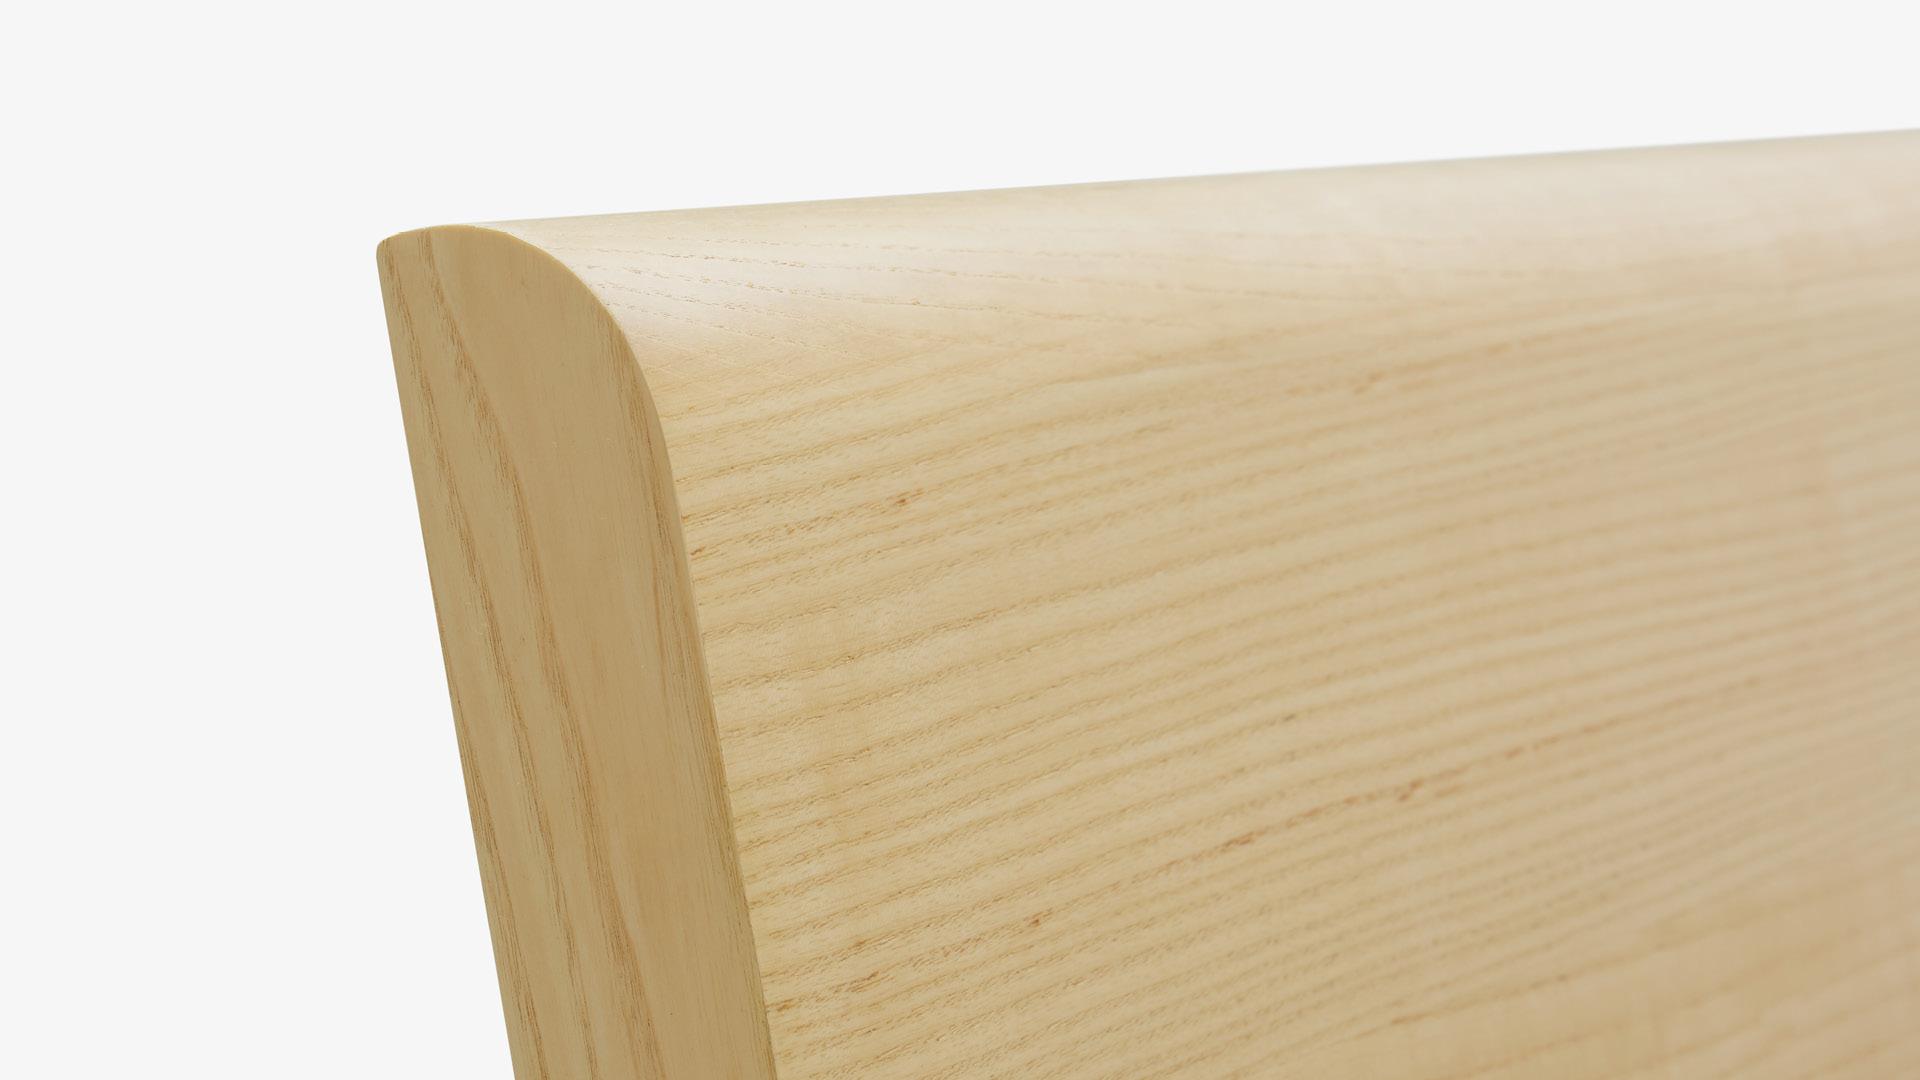 环保MDF+进口A级白蜡木皮<br/>精准弧面包覆,优美原木手感